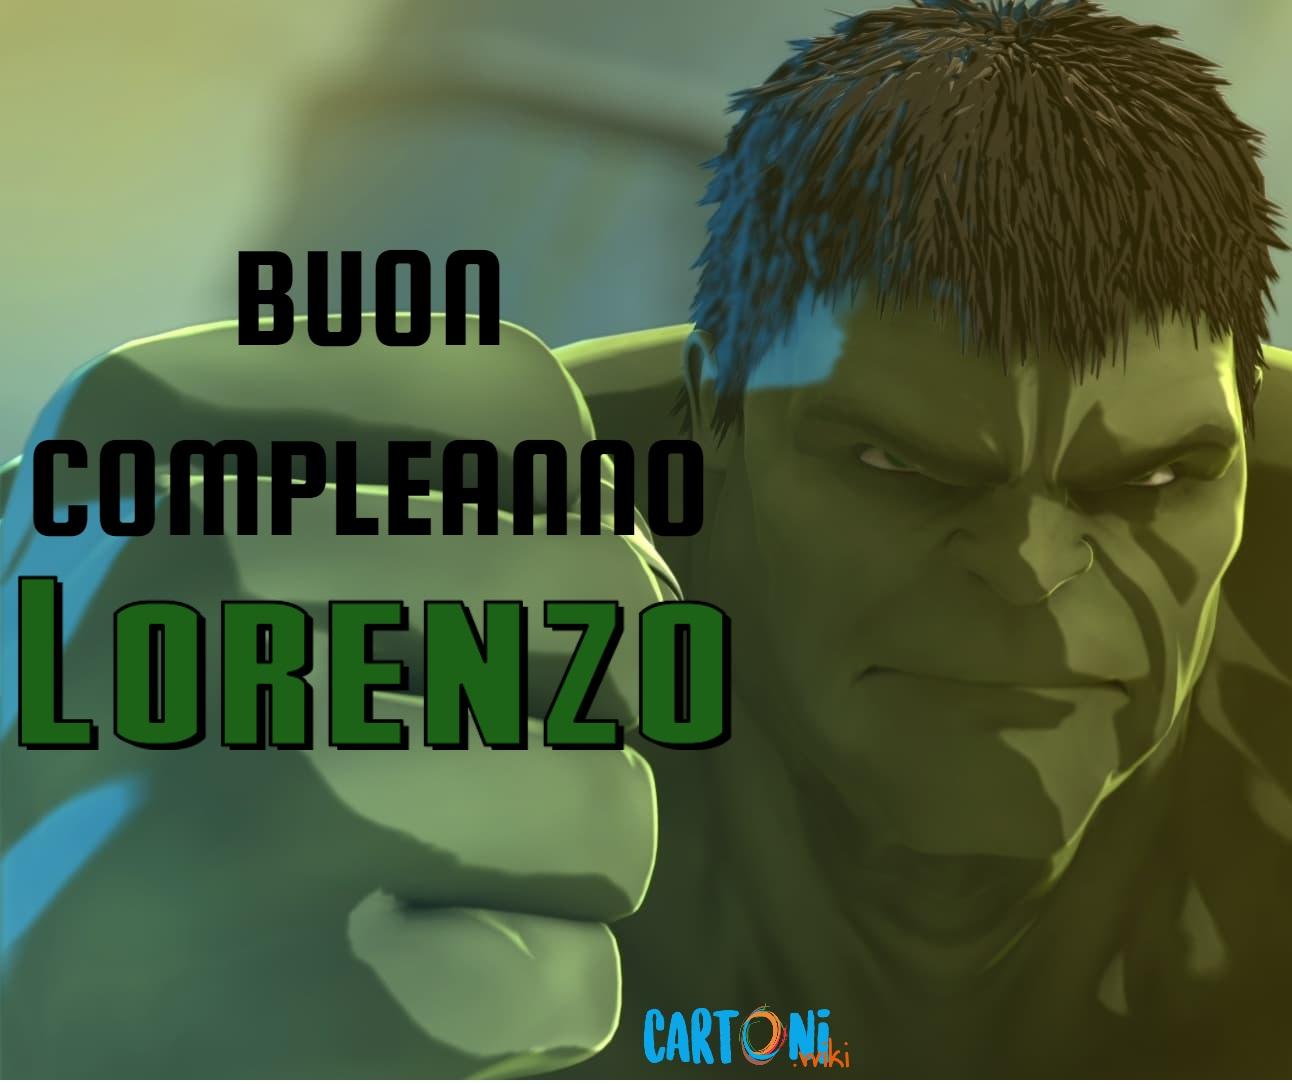 Lorenzo buon compleanno - Cartoni animati